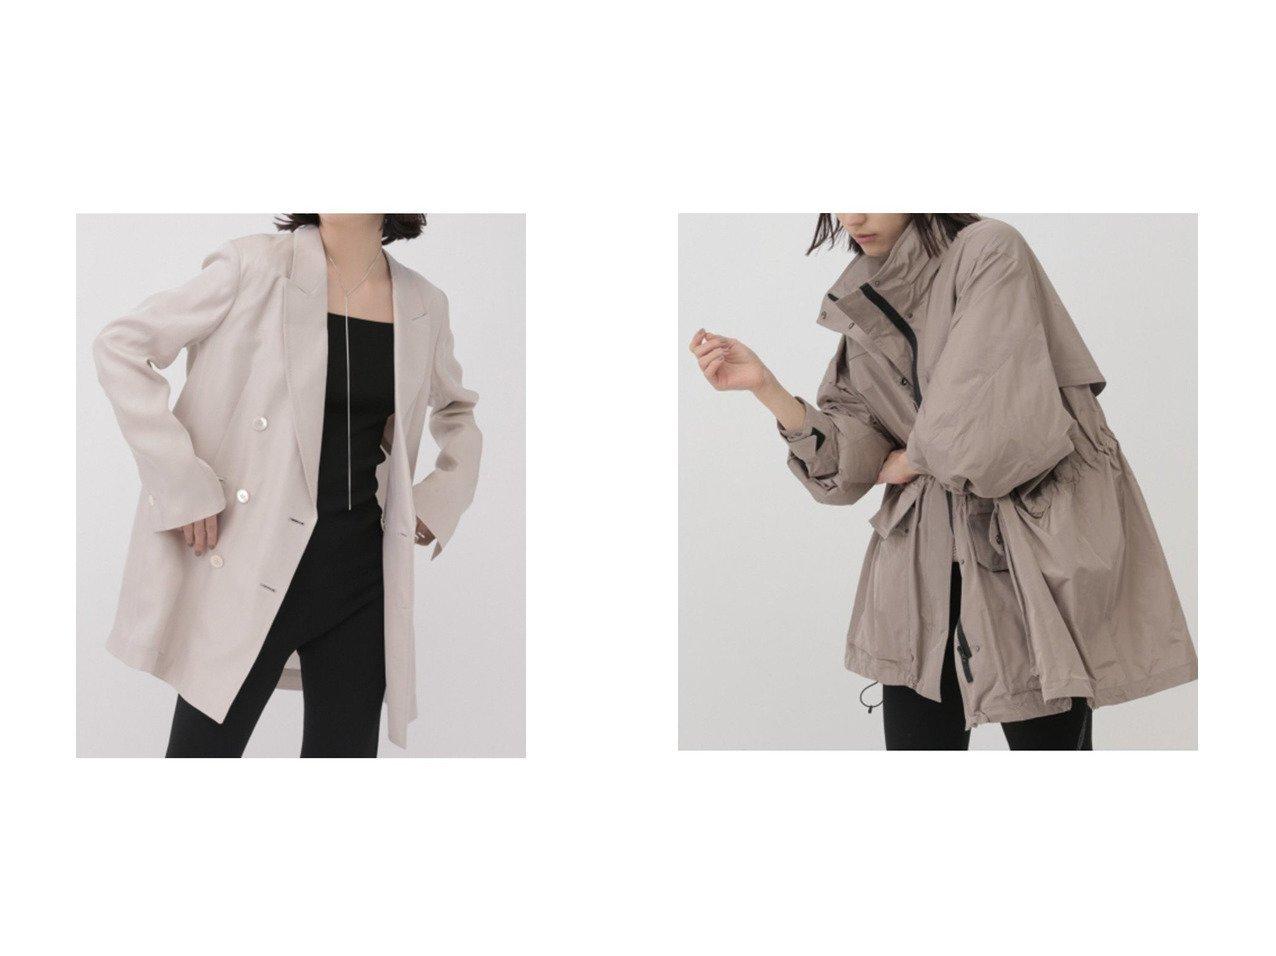 【Chaos/カオス】のグリチルオーバージャケット&プリズムライトブルゾン アウターのおすすめ!人気、トレンド・レディースファッションの通販 おすすめで人気の流行・トレンド、ファッションの通販商品 メンズファッション・キッズファッション・インテリア・家具・レディースファッション・服の通販 founy(ファニー) https://founy.com/ ファッション Fashion レディースファッション WOMEN アウター Coat Outerwear ジャケット Jackets ブルゾン Blouson Jackets 2021年 2021 2021 春夏 S/S SS Spring/Summer 2021 S/S 春夏 SS Spring/Summer イタリア シルク ジャケット スリット ダブル ラグジュアリー 春 Spring コンパクト タフタ ブルゾン ポケット 軽量  ID:crp329100000015451